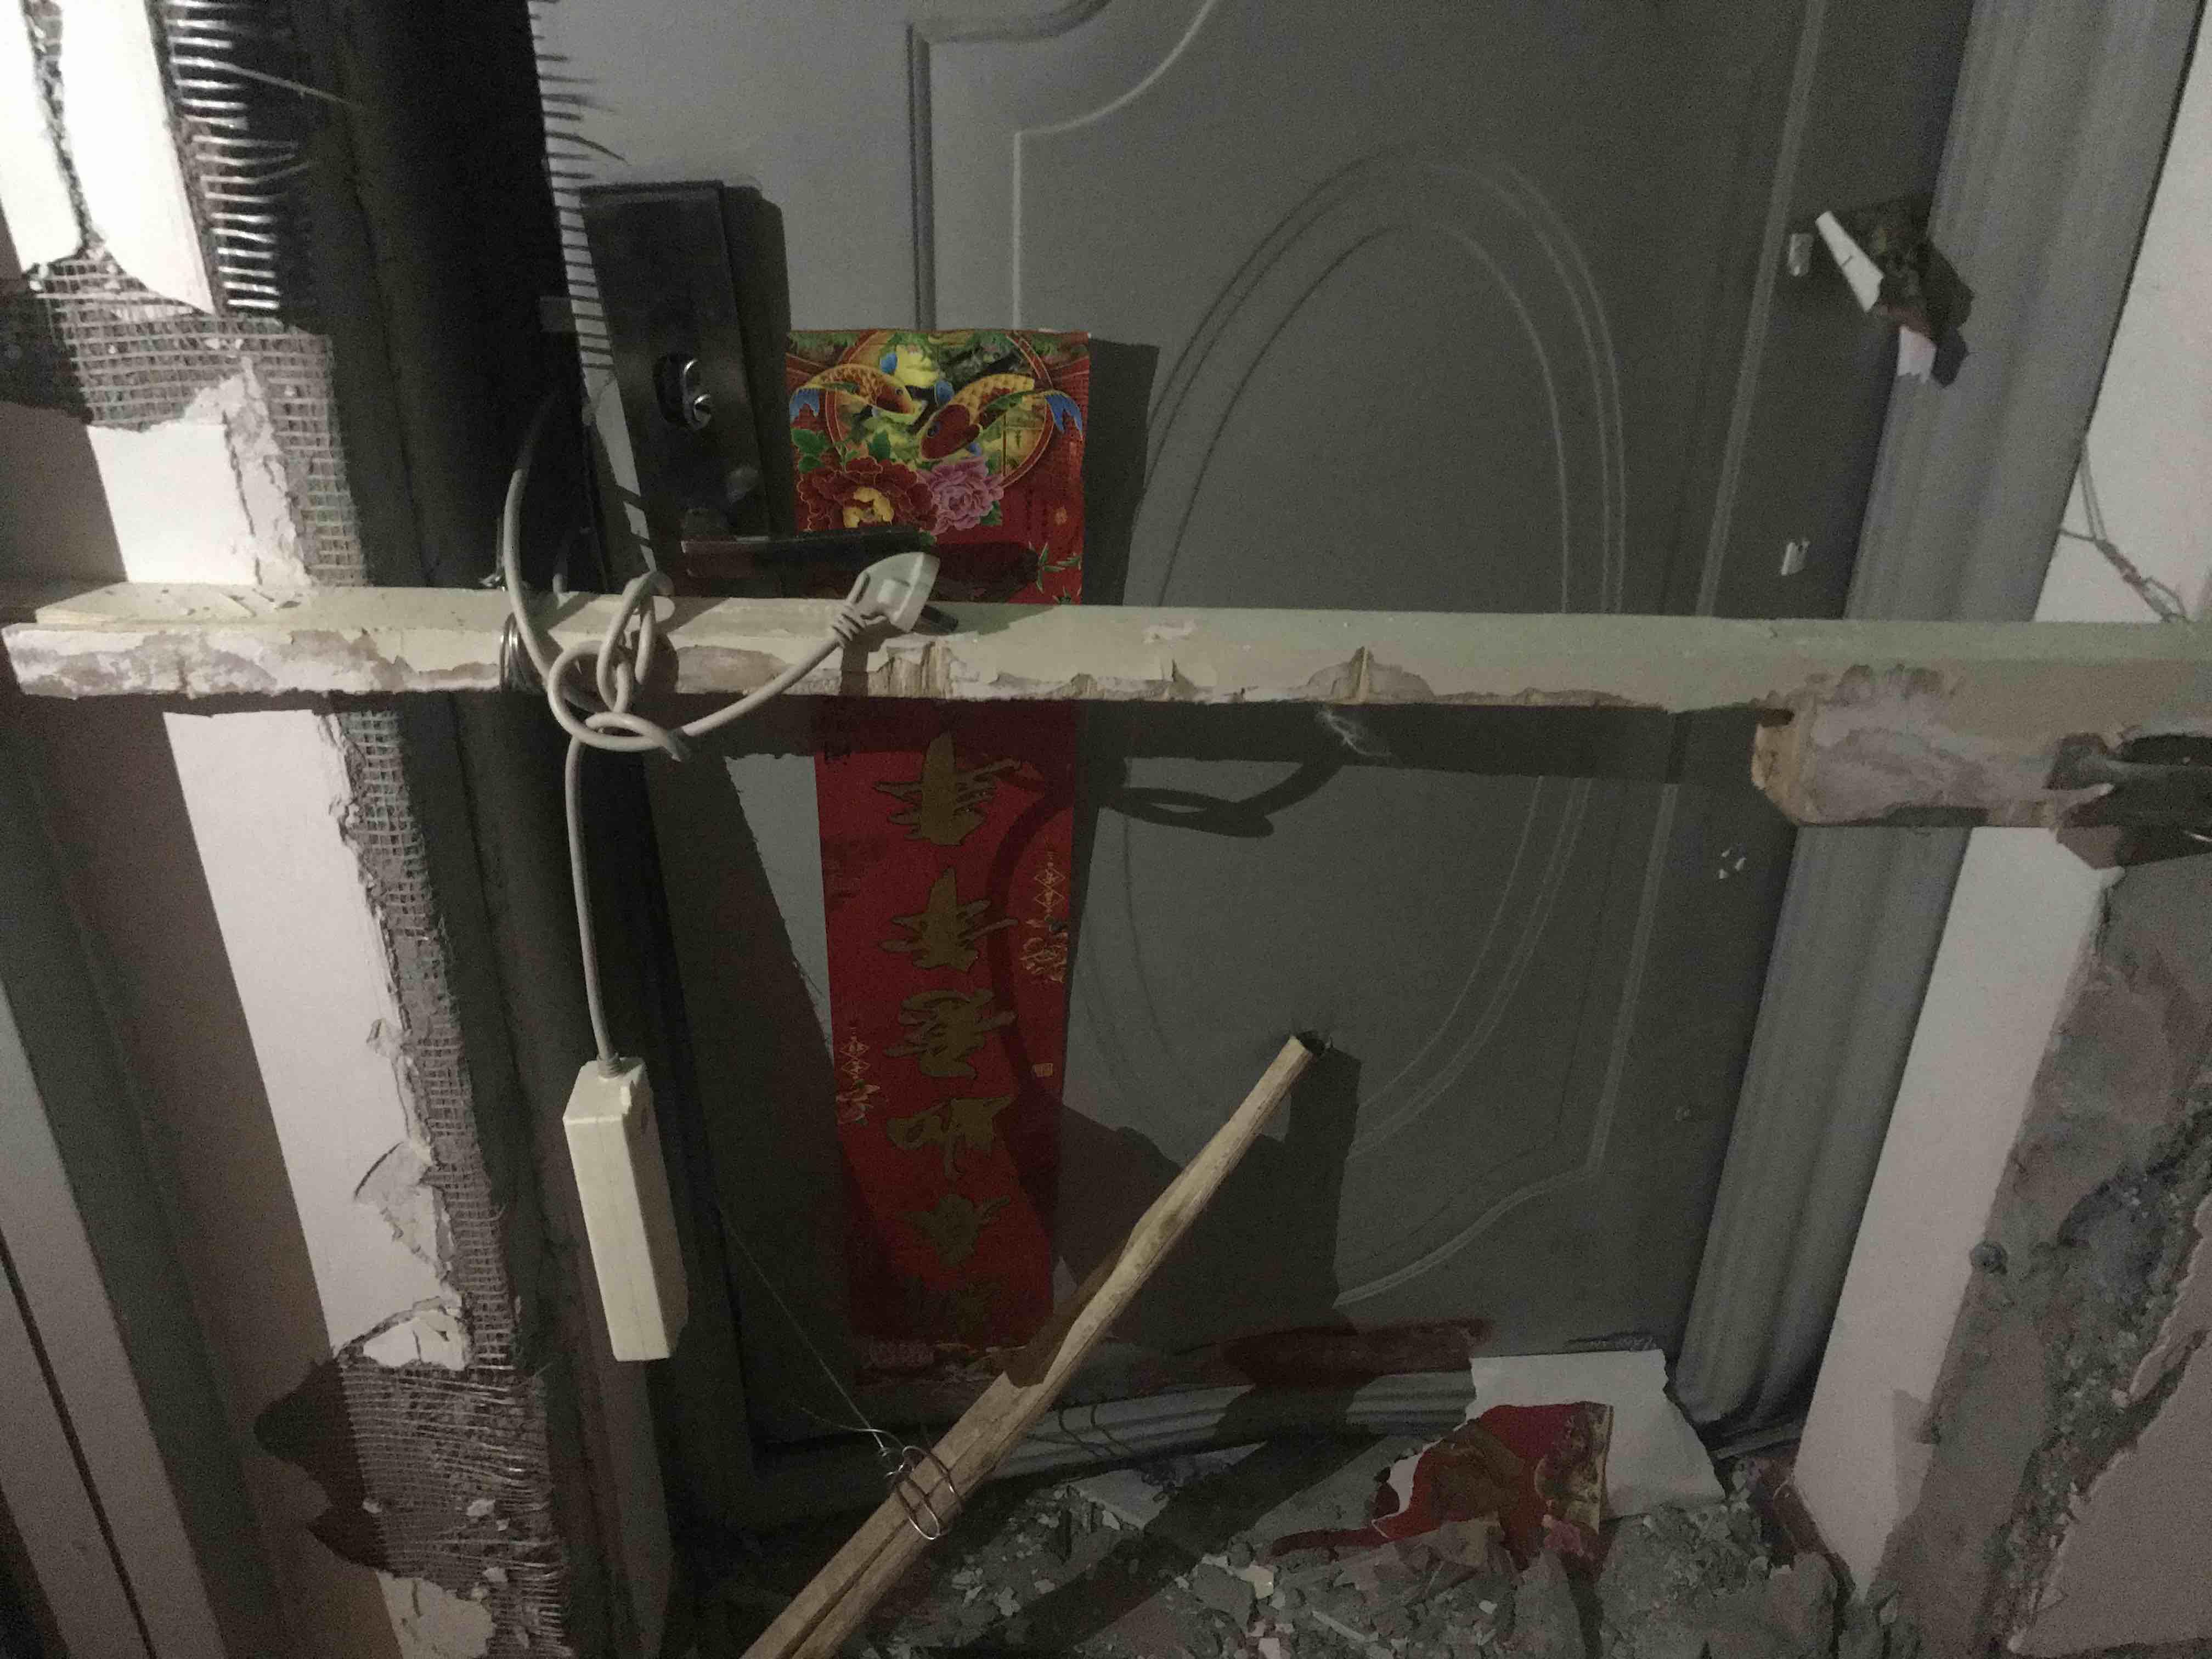 济南:男子疑因燃气泄漏被炸飞从6楼落下 现生命体征平稳正接受治疗